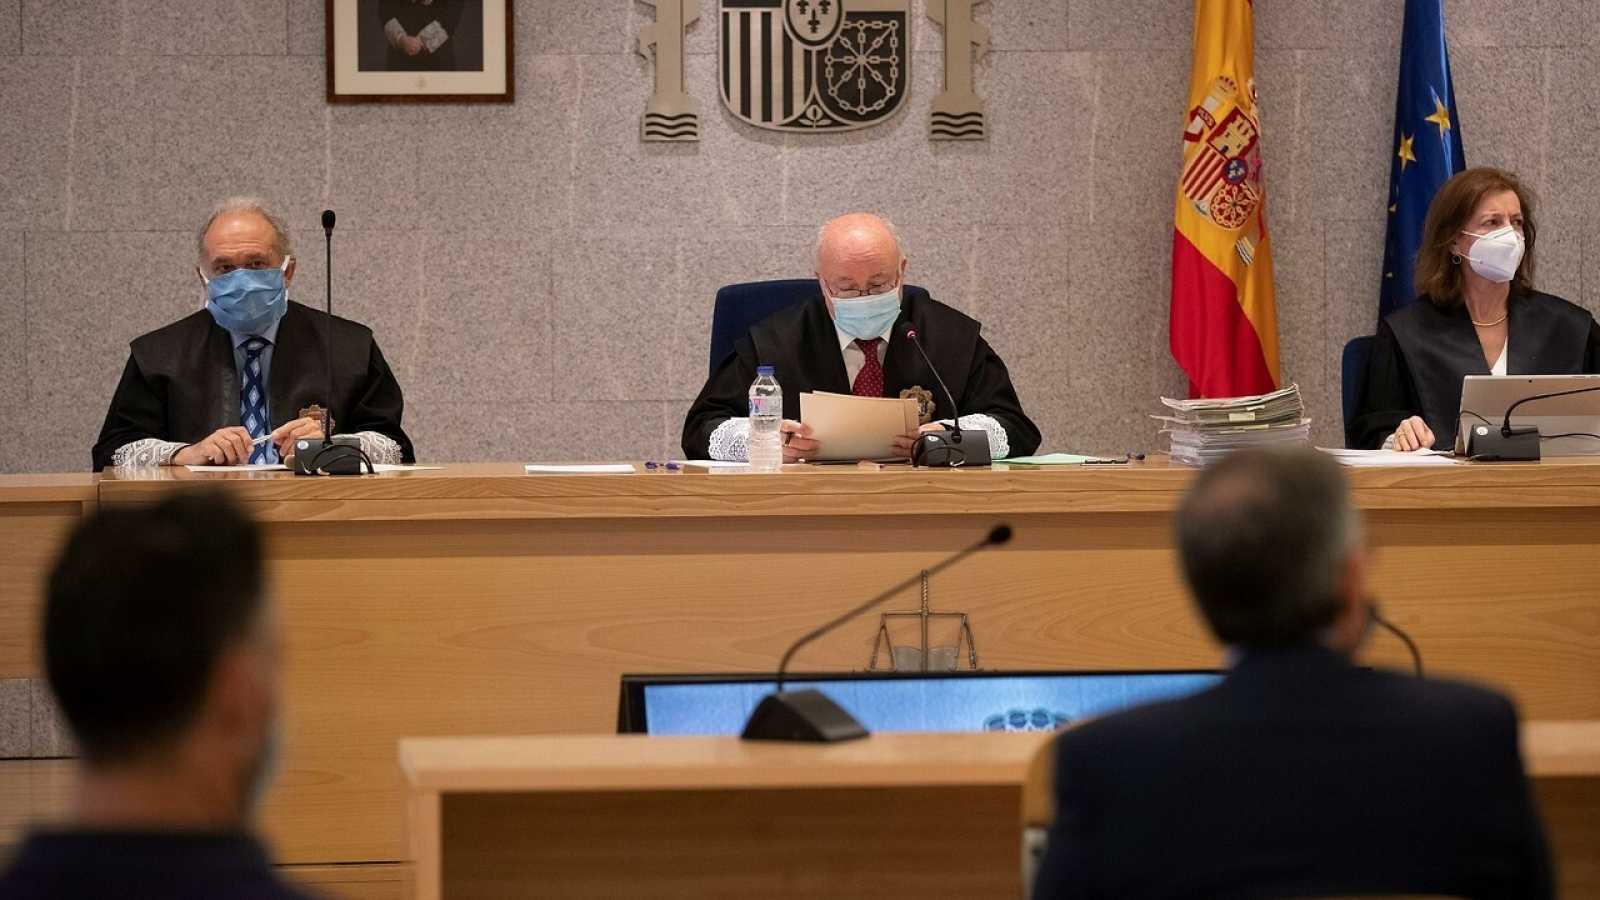 La Audiencia Nacional retoma el juicio de la pieza del caso Gürtel relativa a los contratos por la visita del Papa